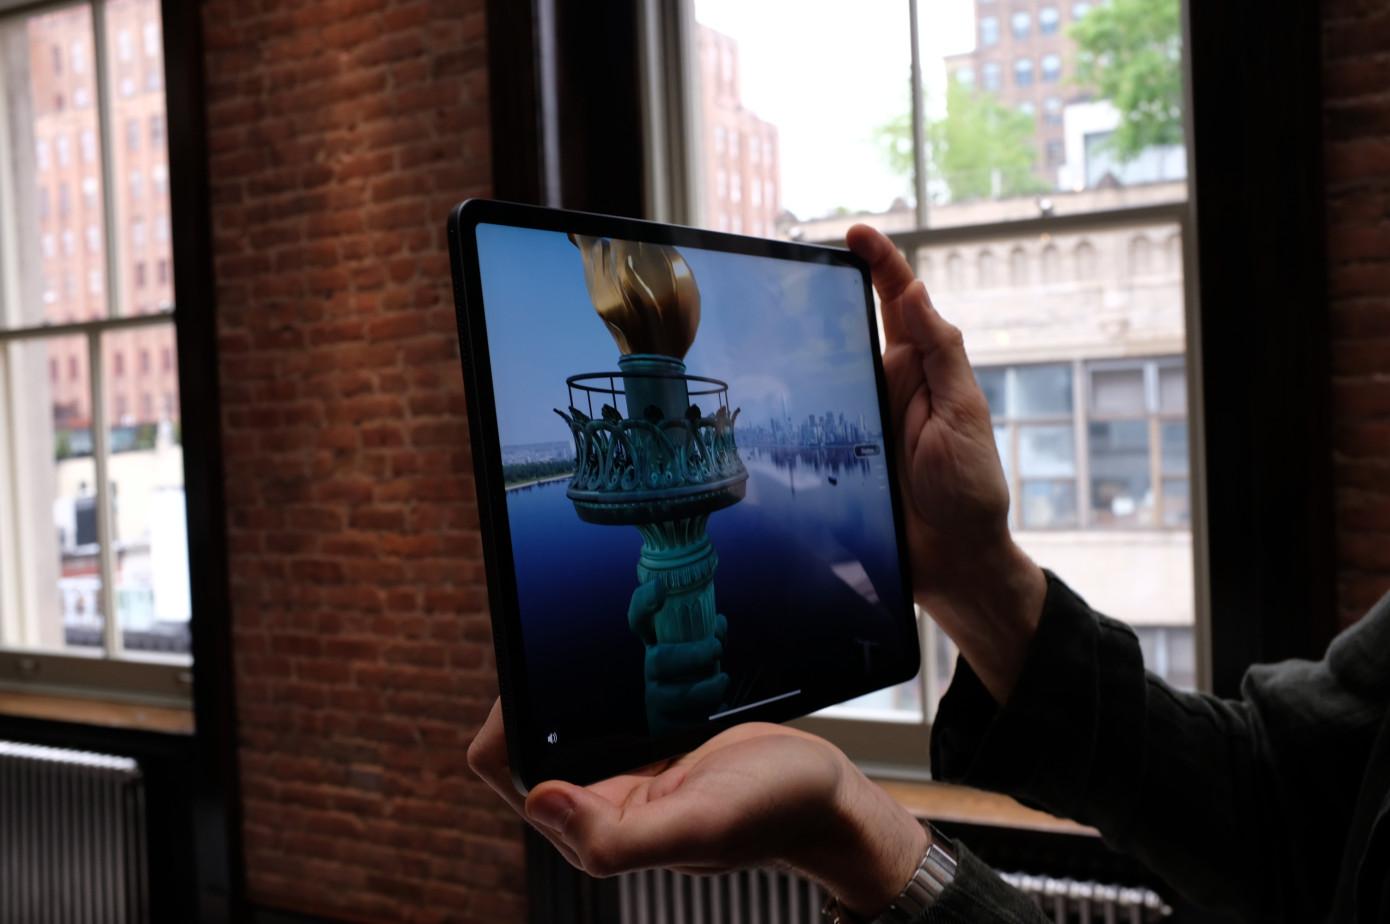 Visitate la Statua della Libertà in tutta la sua bellezza grazie alla realtà aumentata 2